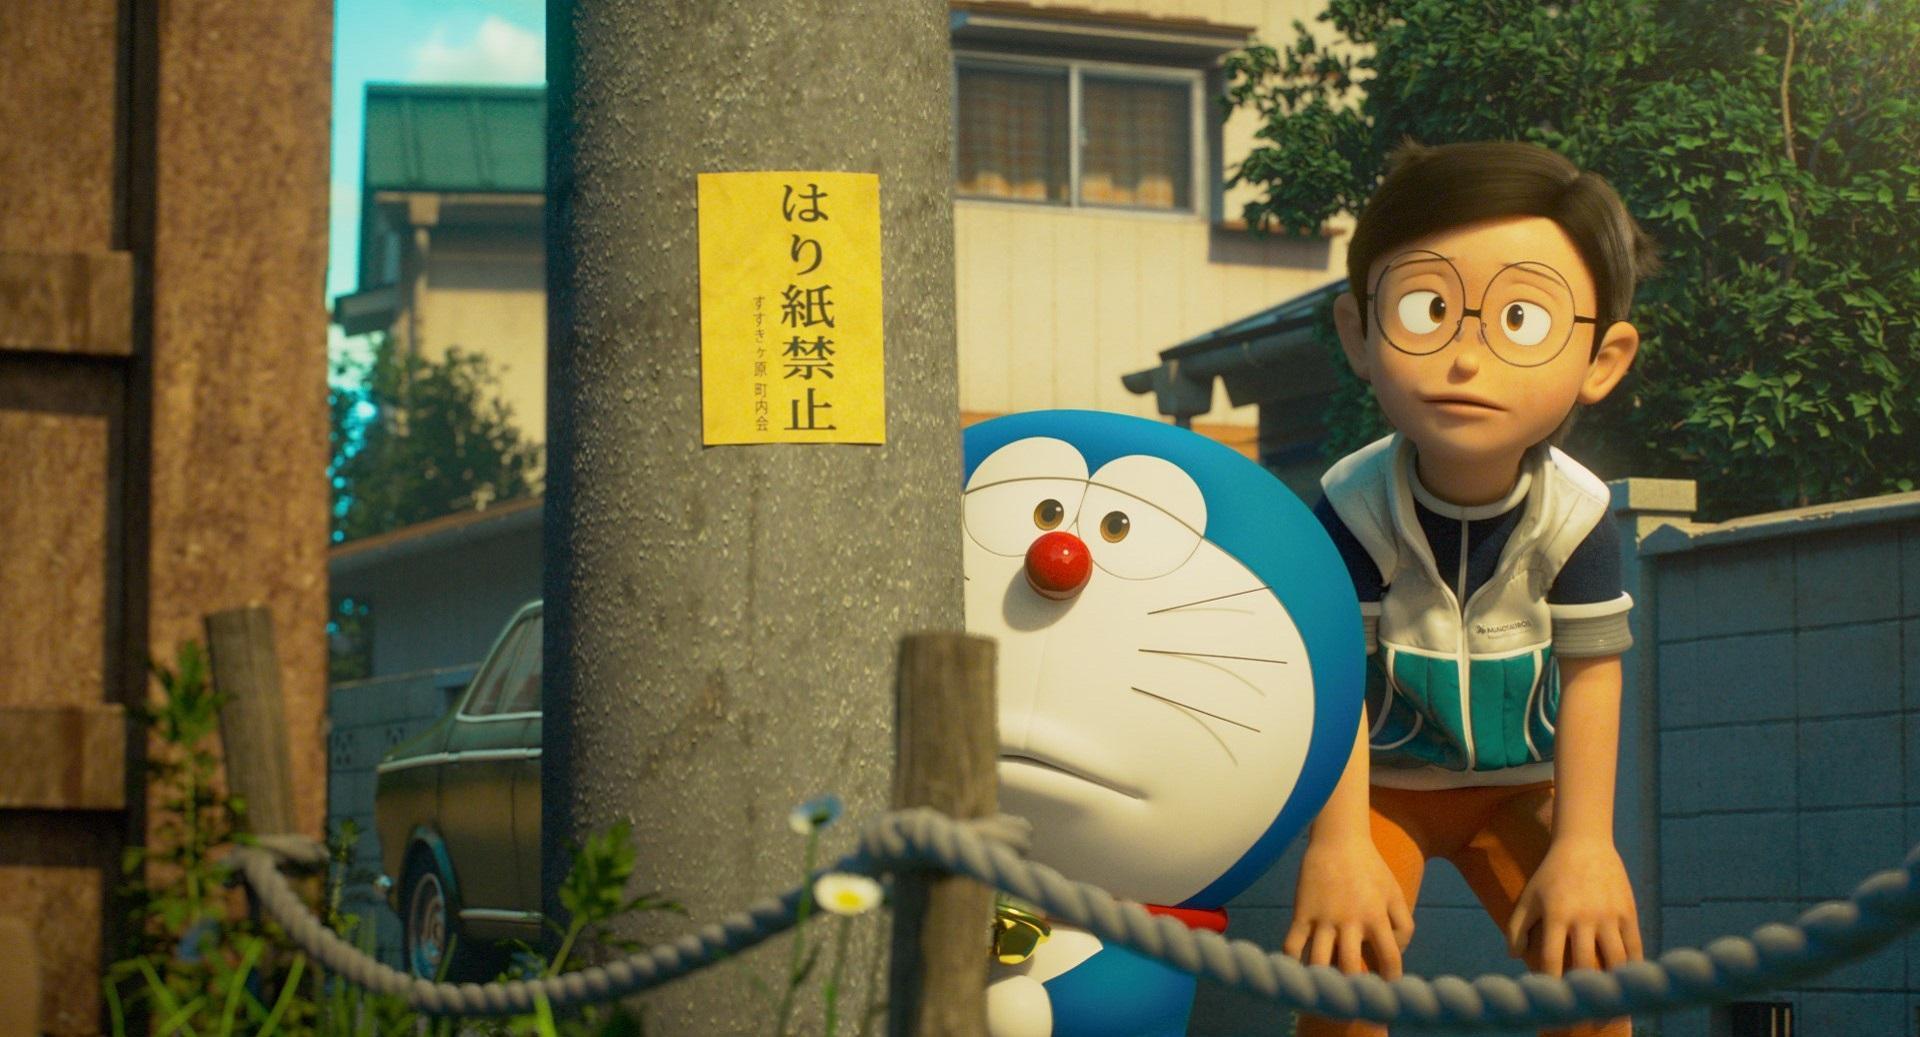 Nonton Stand By Me Doraemon 2 sub Indo di Vidio